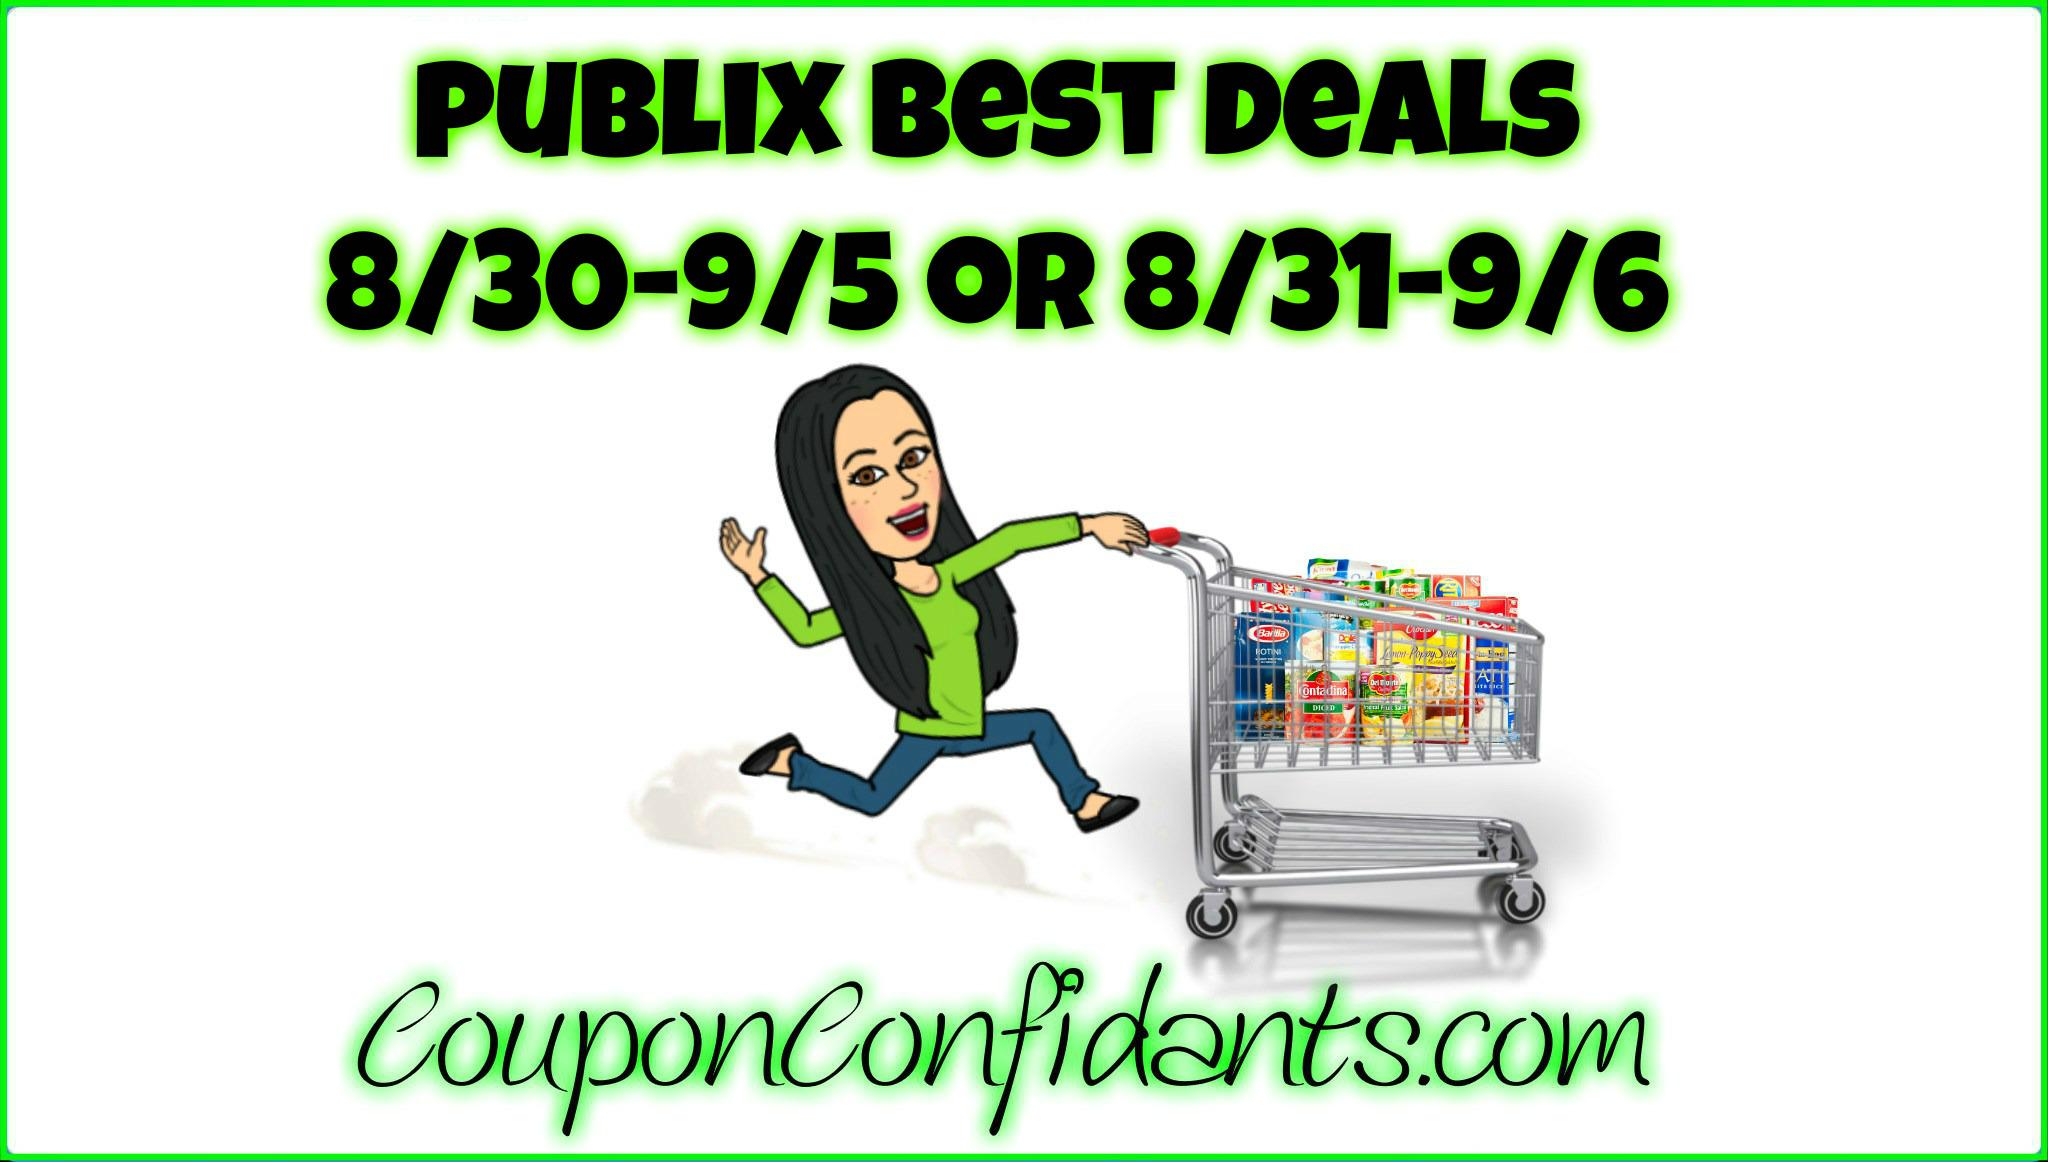 Publix Video for Deals 8/30 - 9/5 or 8/31 - 9/6